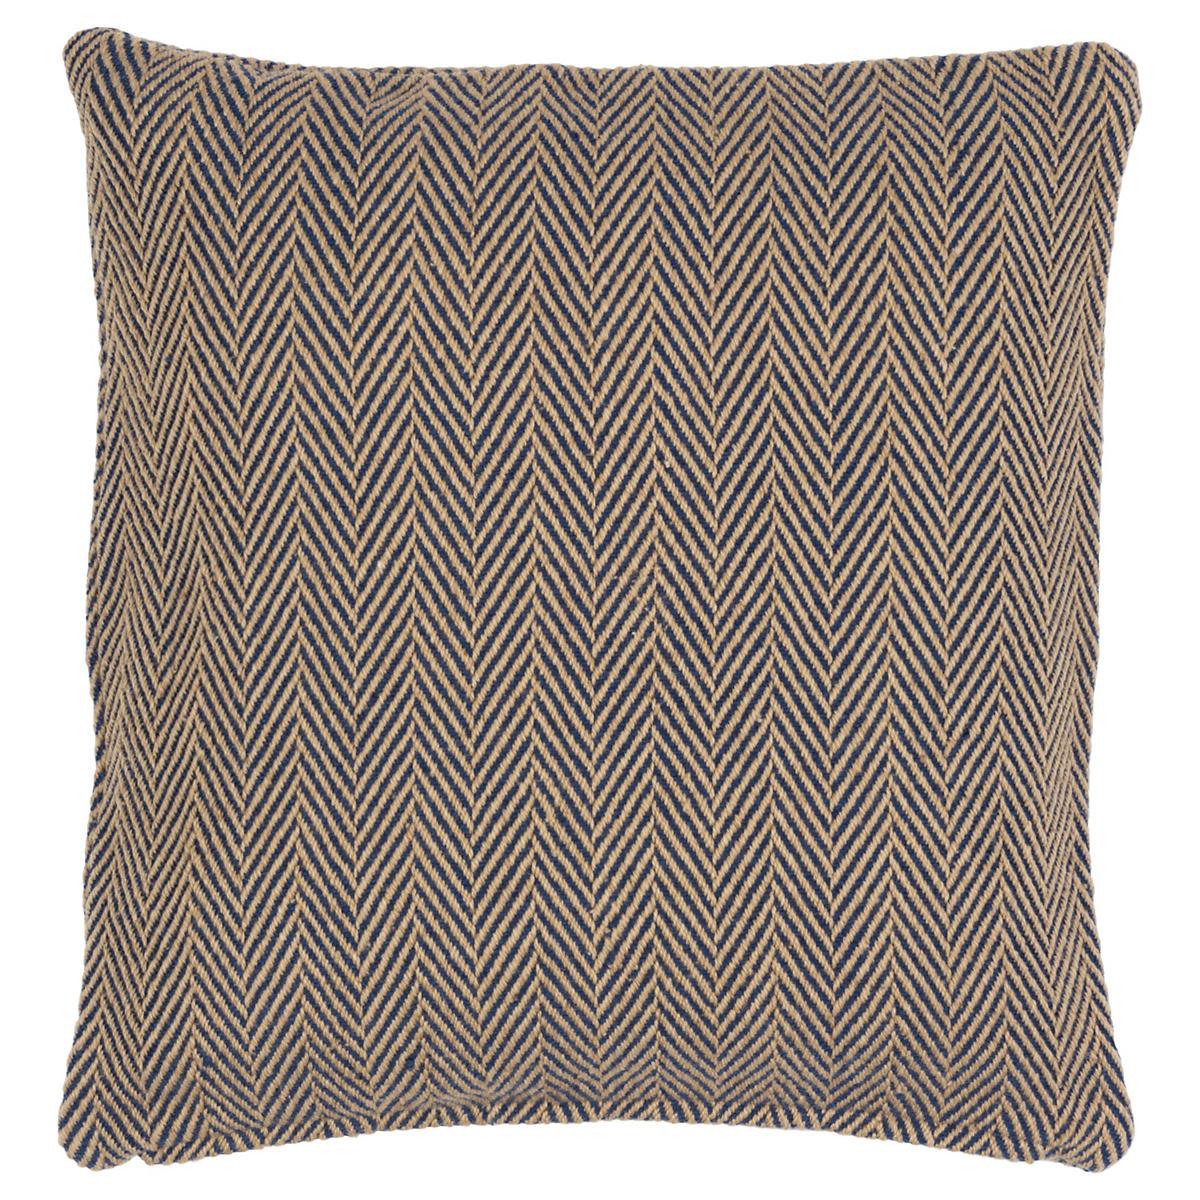 Concord Navy Indoor/Outdoor Pillow